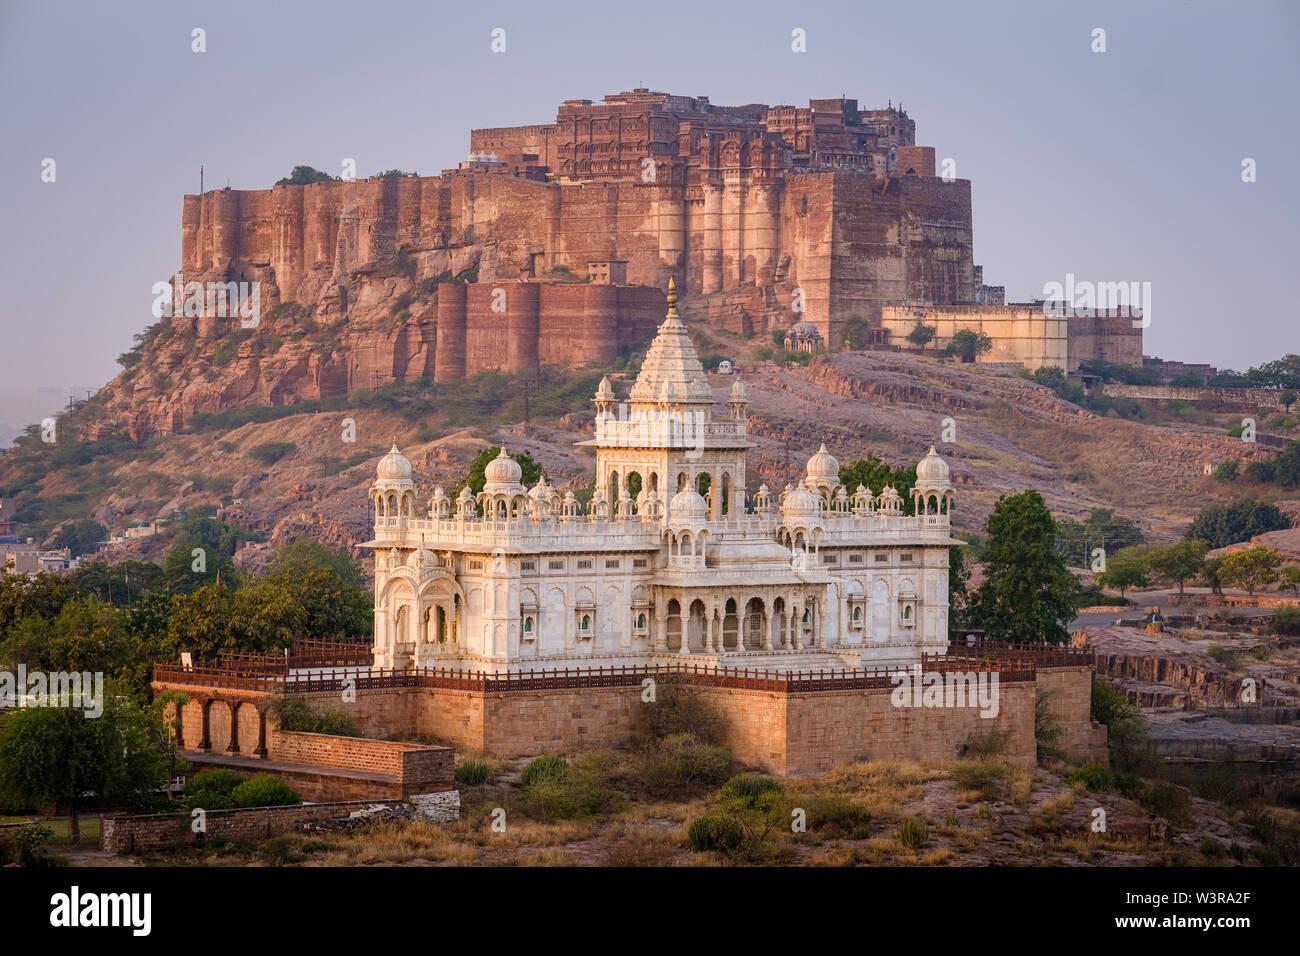 JODHPUR, INDE - circa 2018 Novembre: Jaswant Thada Memorial et le Mehrangarh Fort à Jodphur. odhpur est la deuxième plus grande ville de l'état indien Banque D'Images